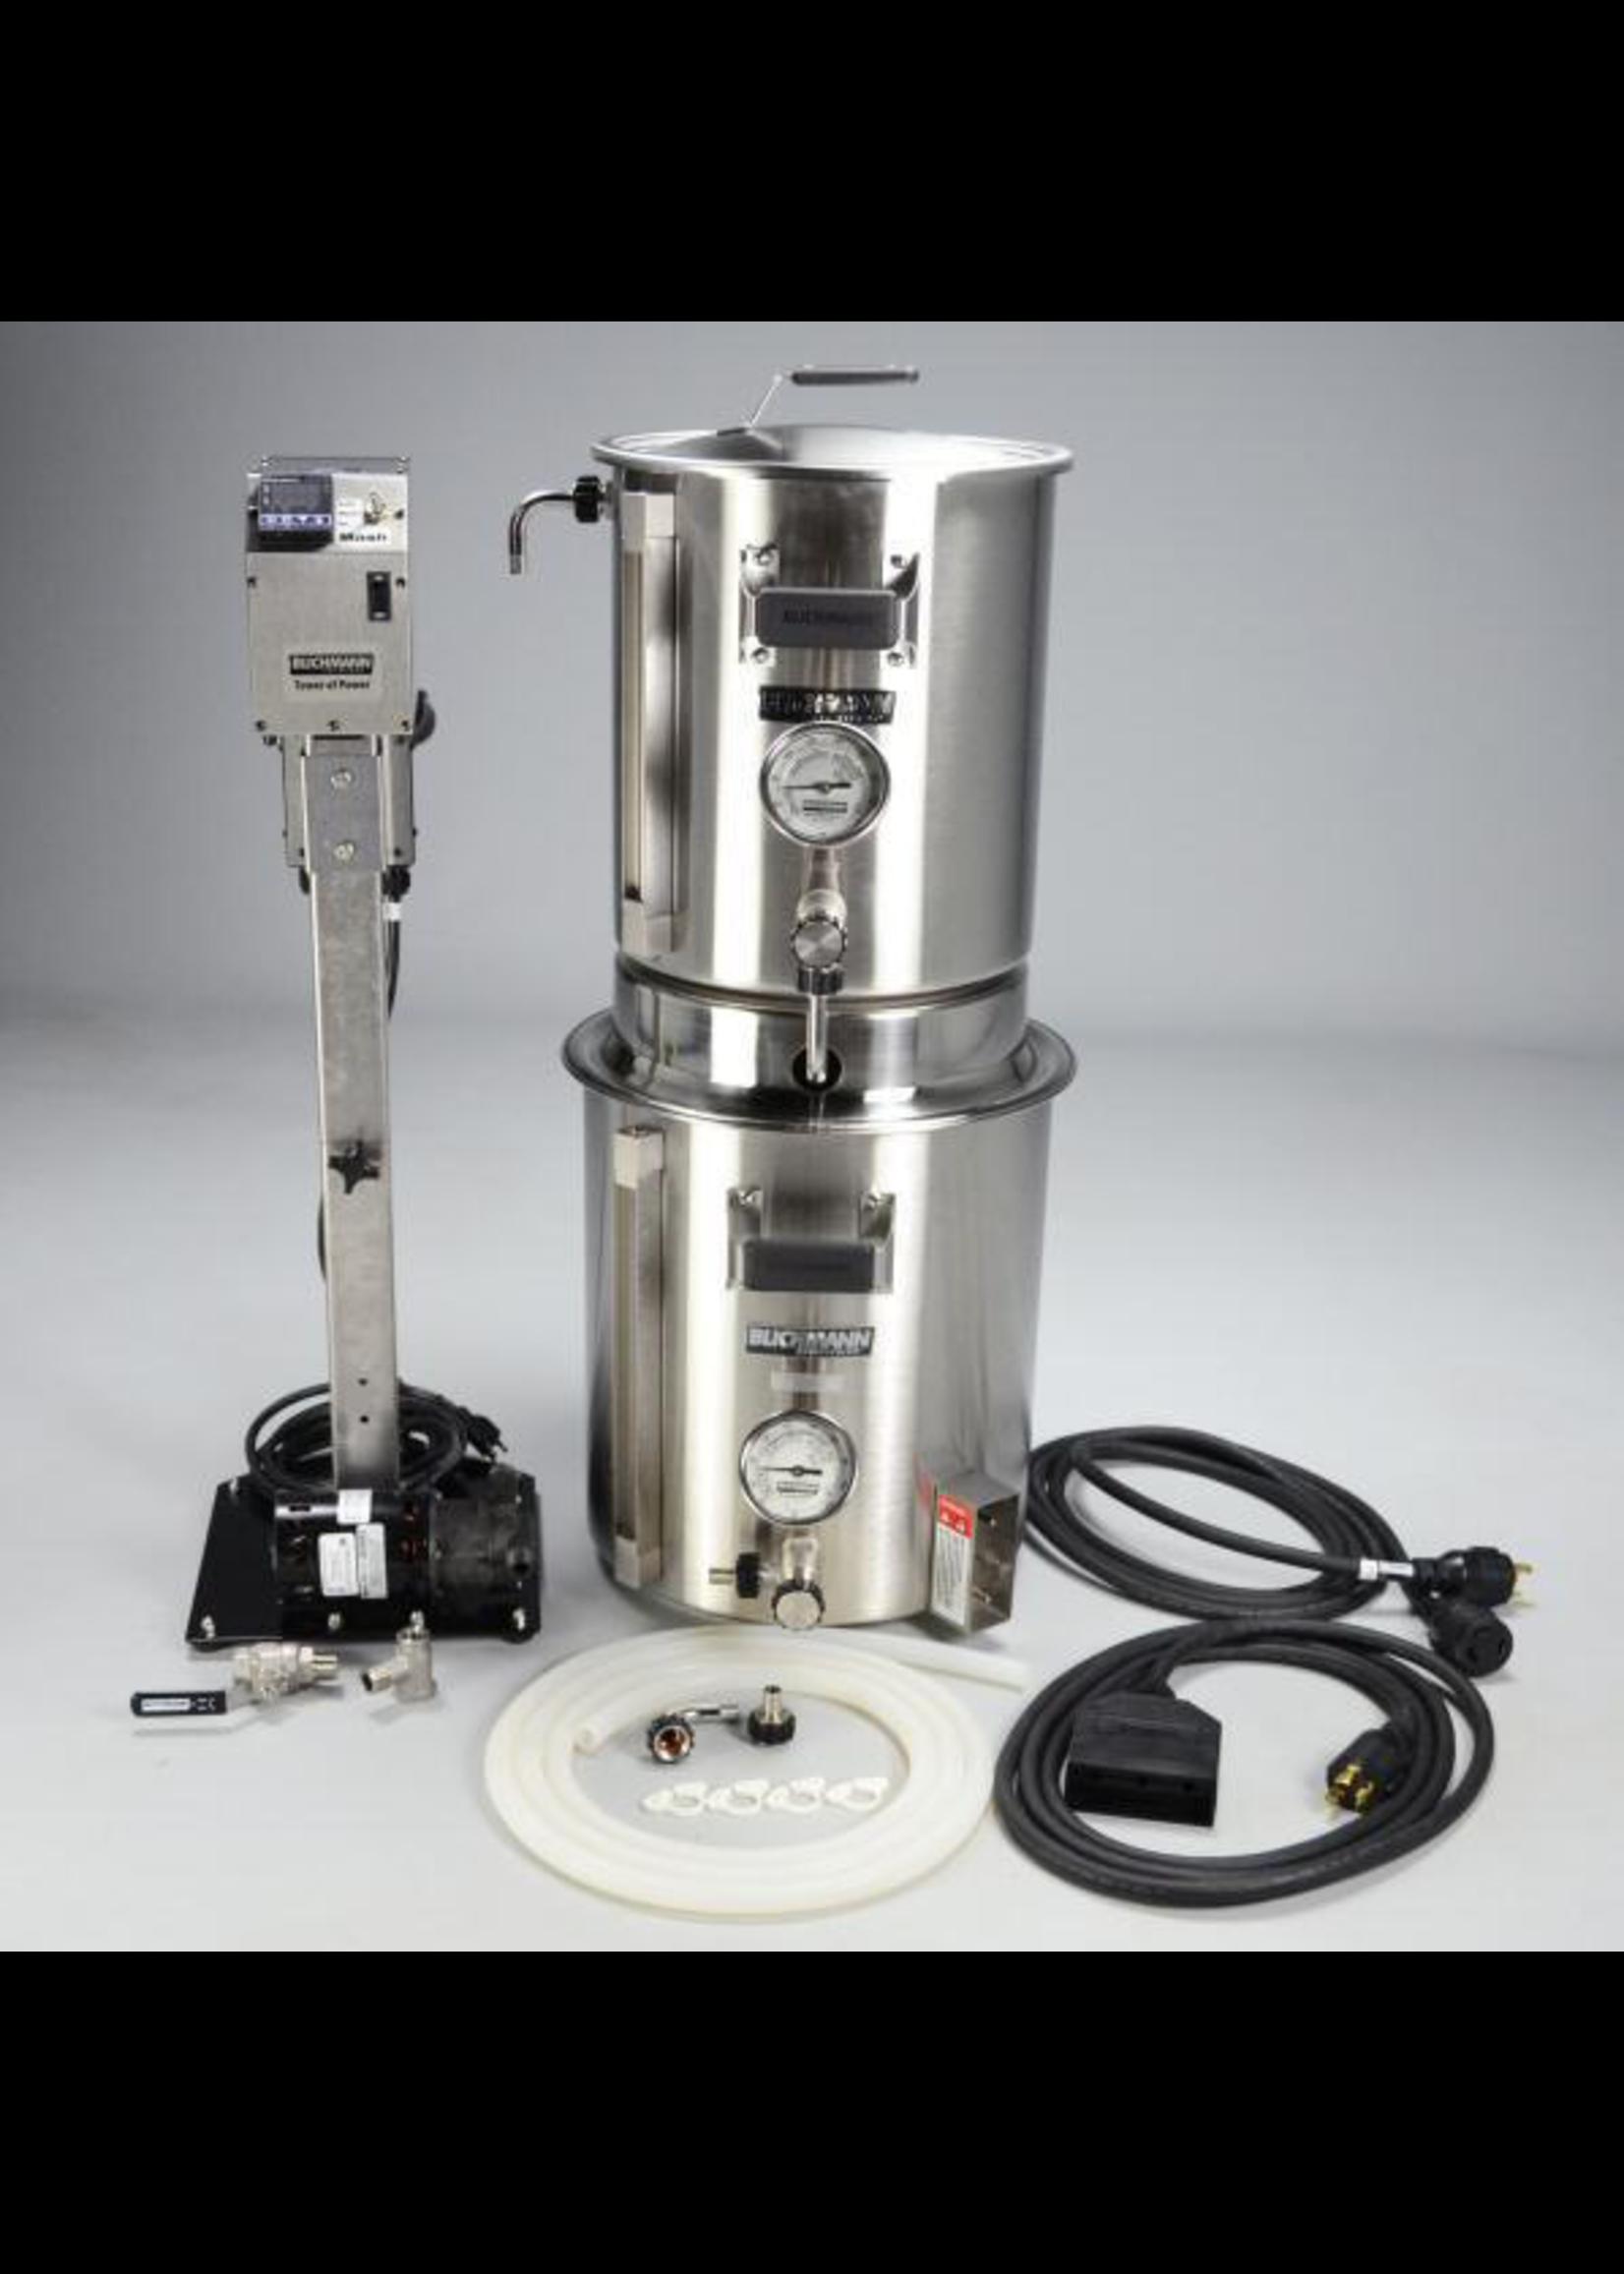 Blichmann Blichmann BrewEasy - Turnkey Kit - 240V LTE VERSION - 10 Gallon G2